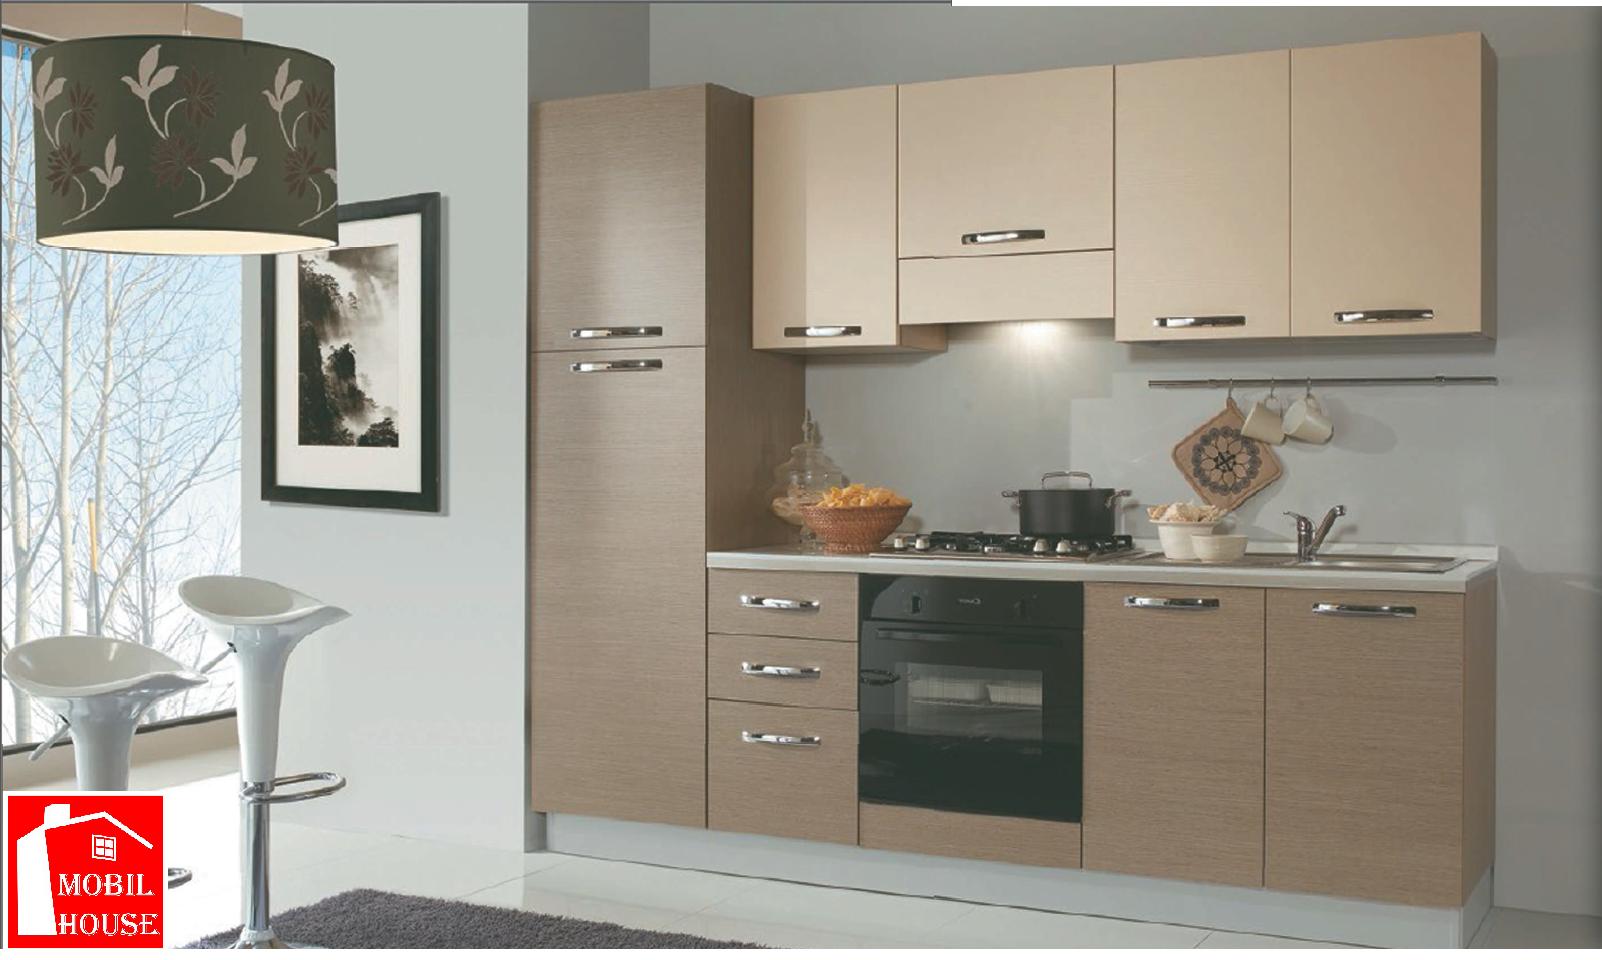 cucina moderna 2 55 mt mobilhouse arredamenti